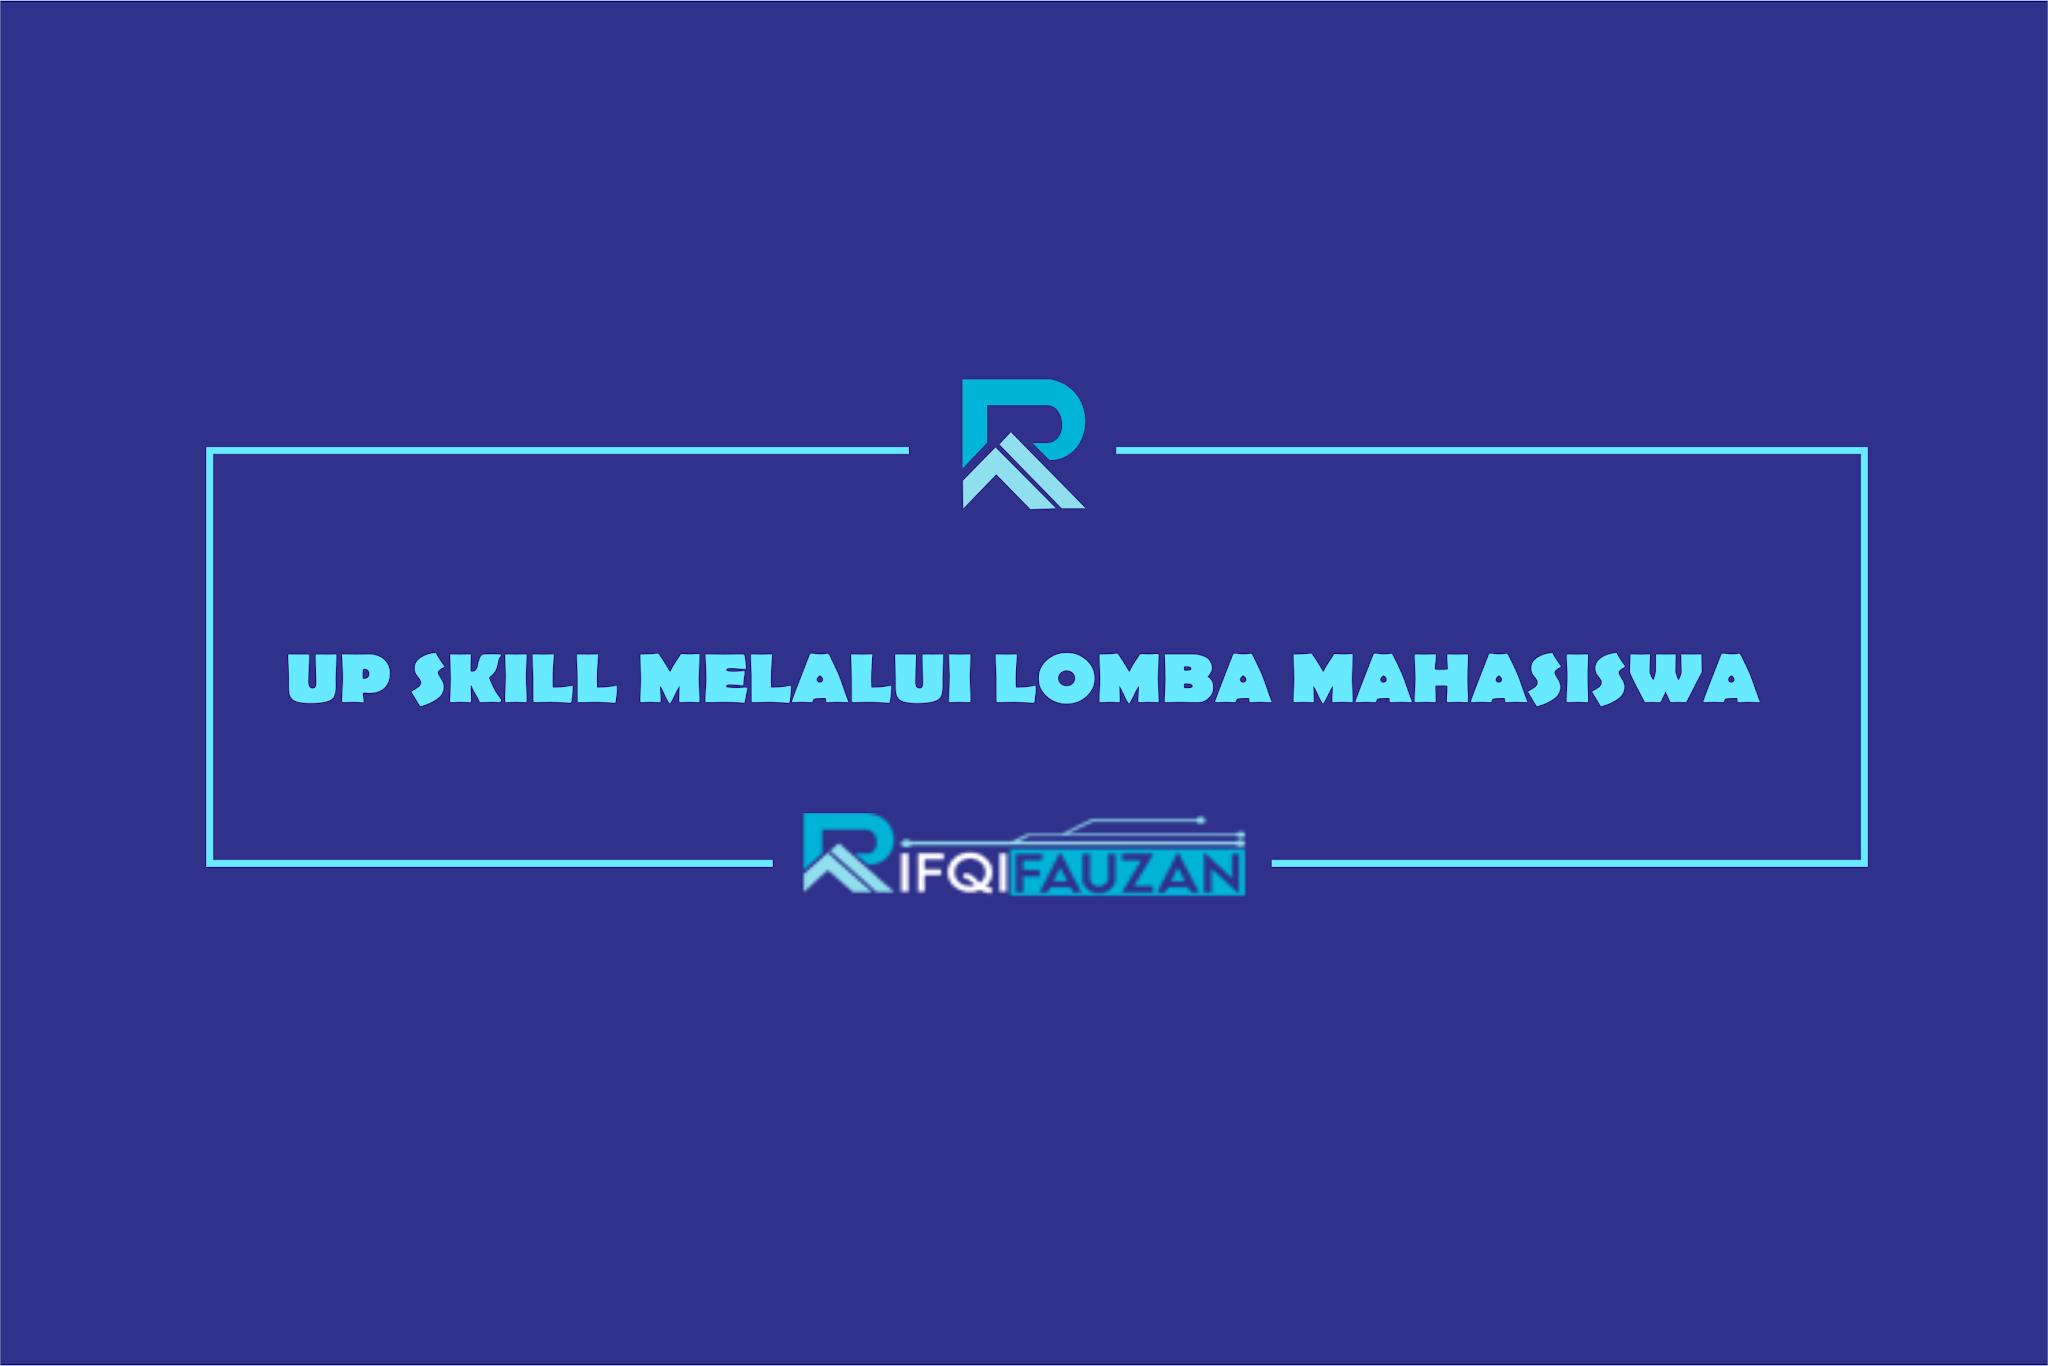 MENINGKATKAN SKILL SELAMA KULIAH MELALUI LOMBA MAHASISWA BERGENGSI